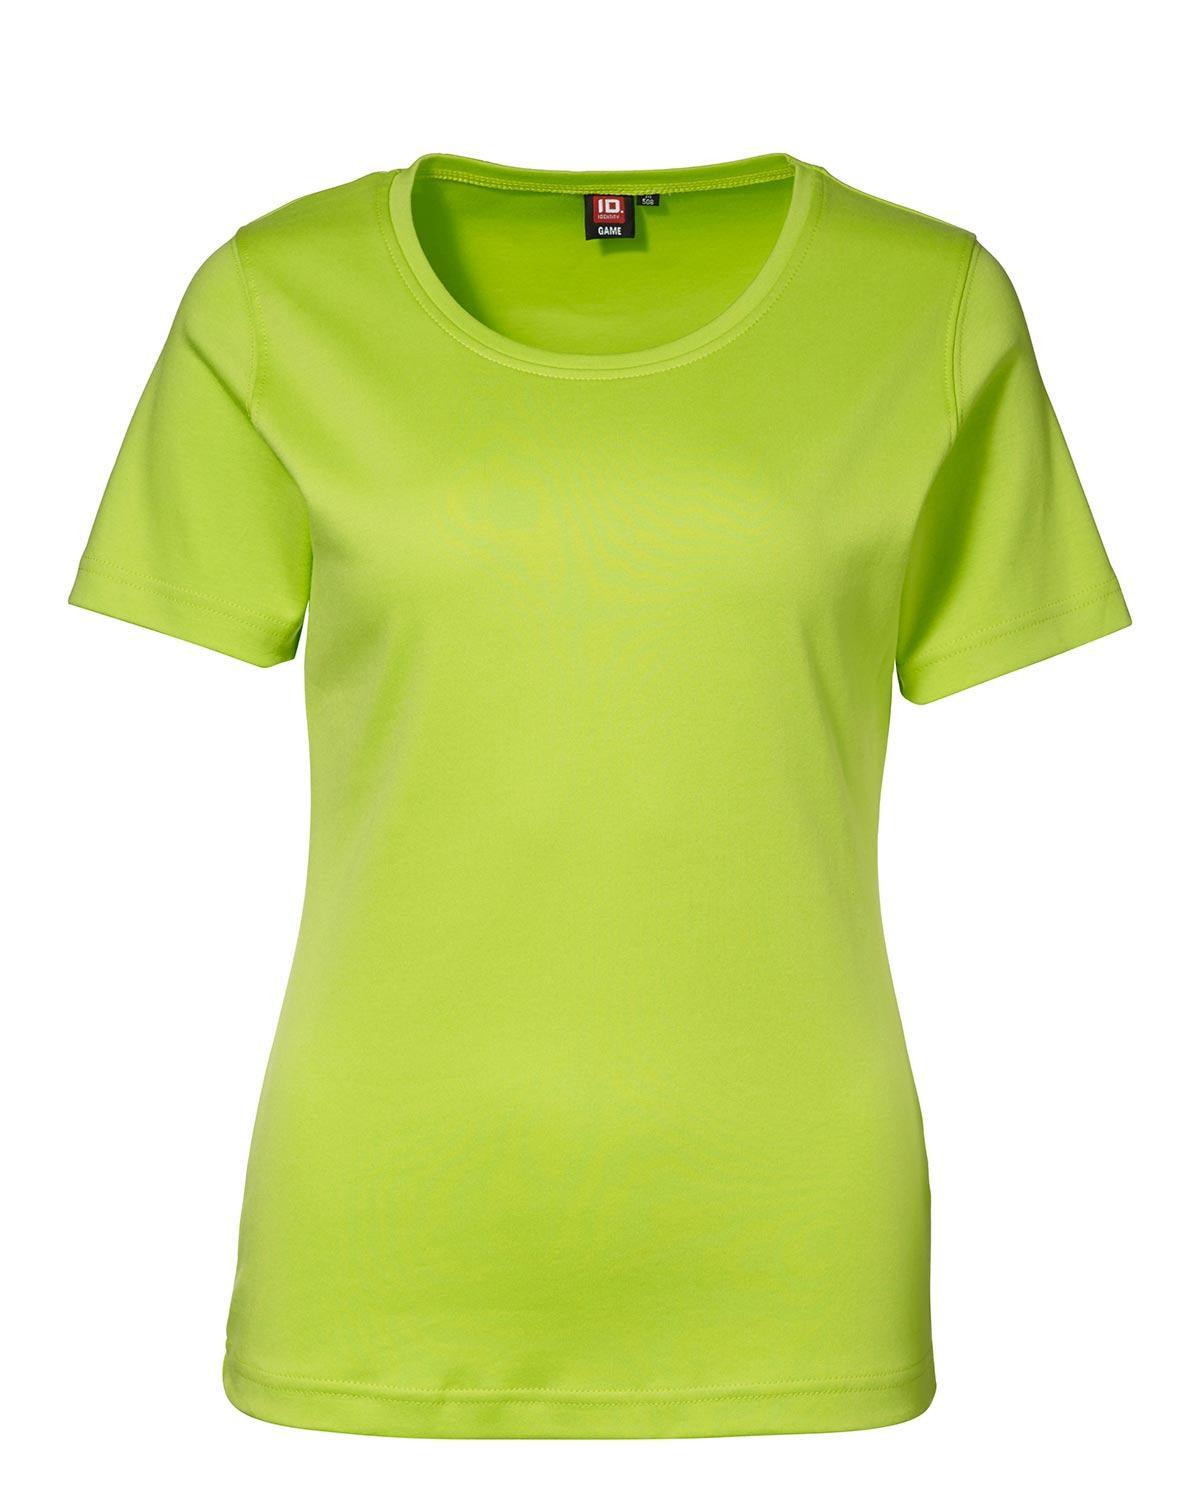 ID Interlock T-shirt för Kvinnor (Lime, XL)